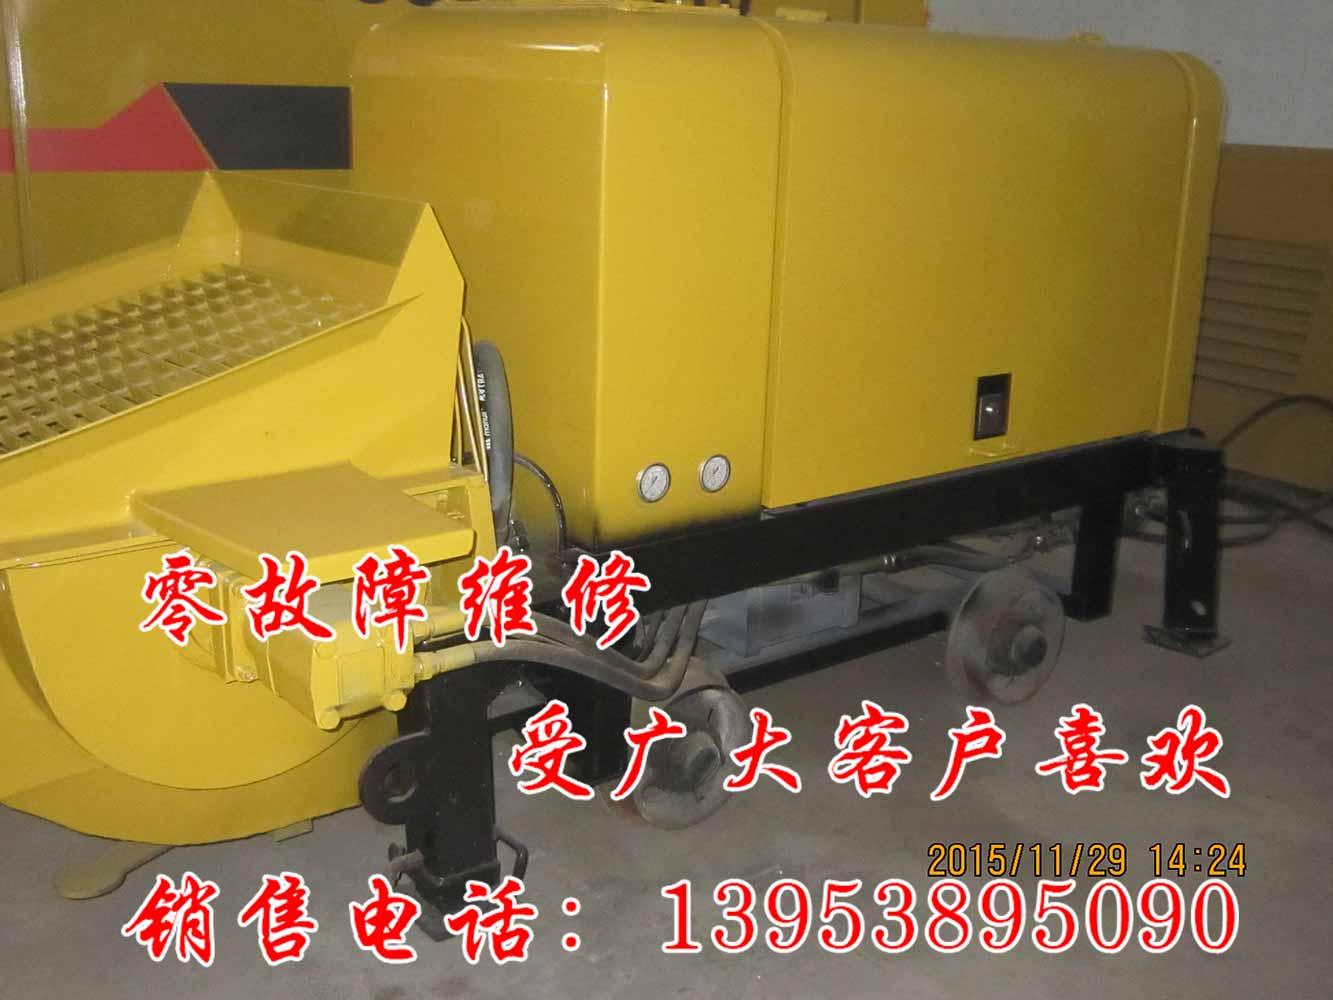 新疆矿山专用 矿用混凝土喷射泵 地暖施工必备泵